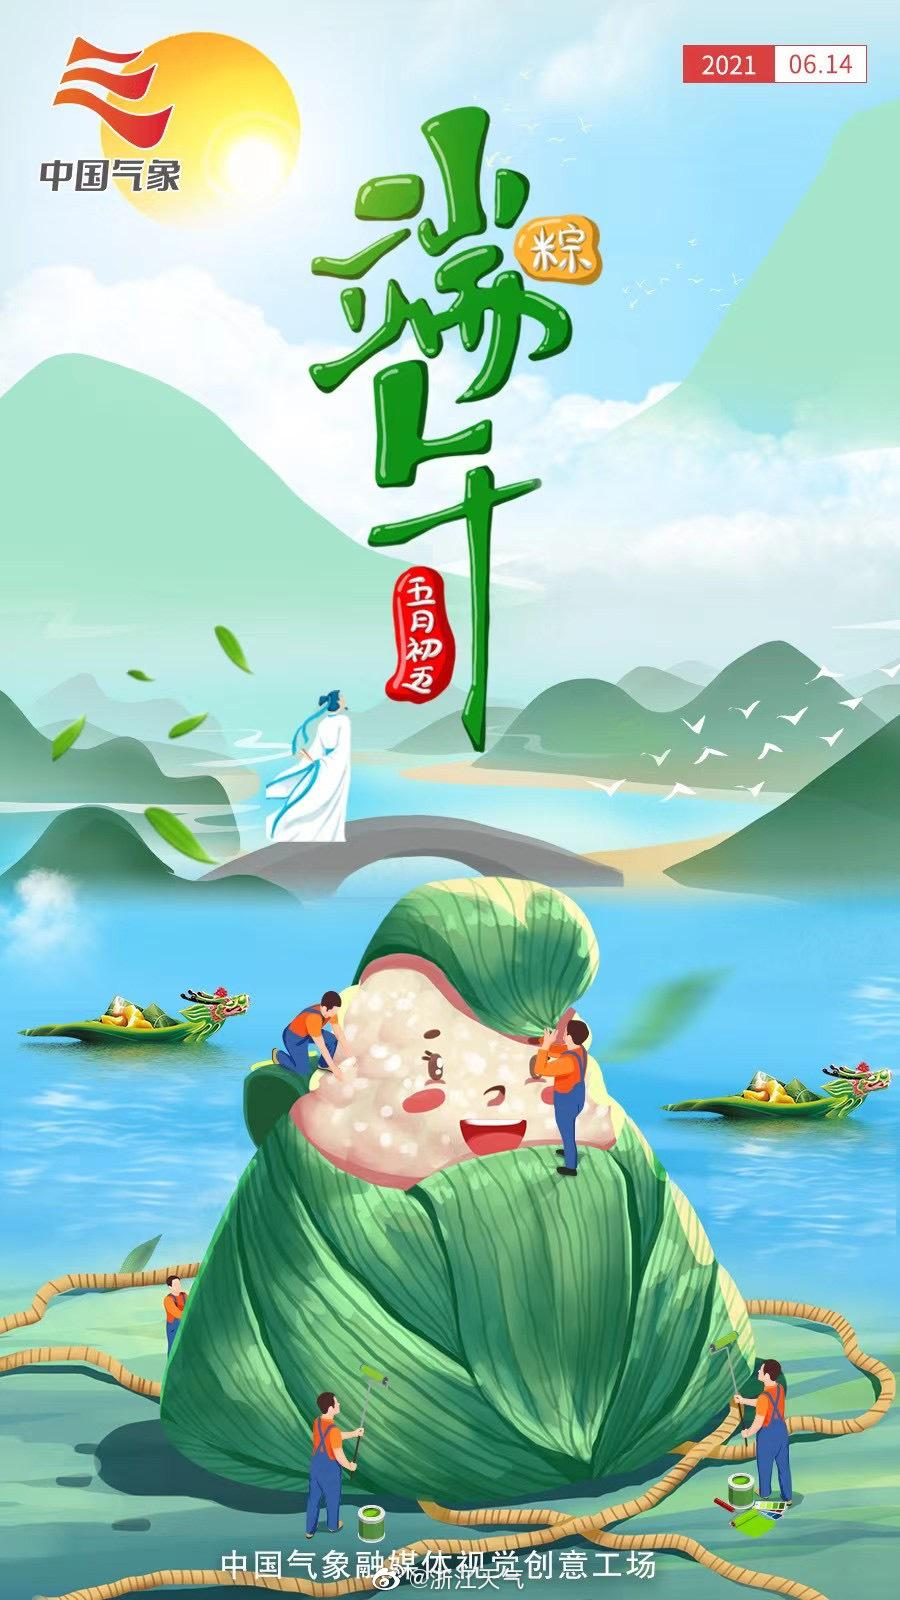 杭州今天多云到阴,下午起部分阵雨或雷雨,雷雨时局地